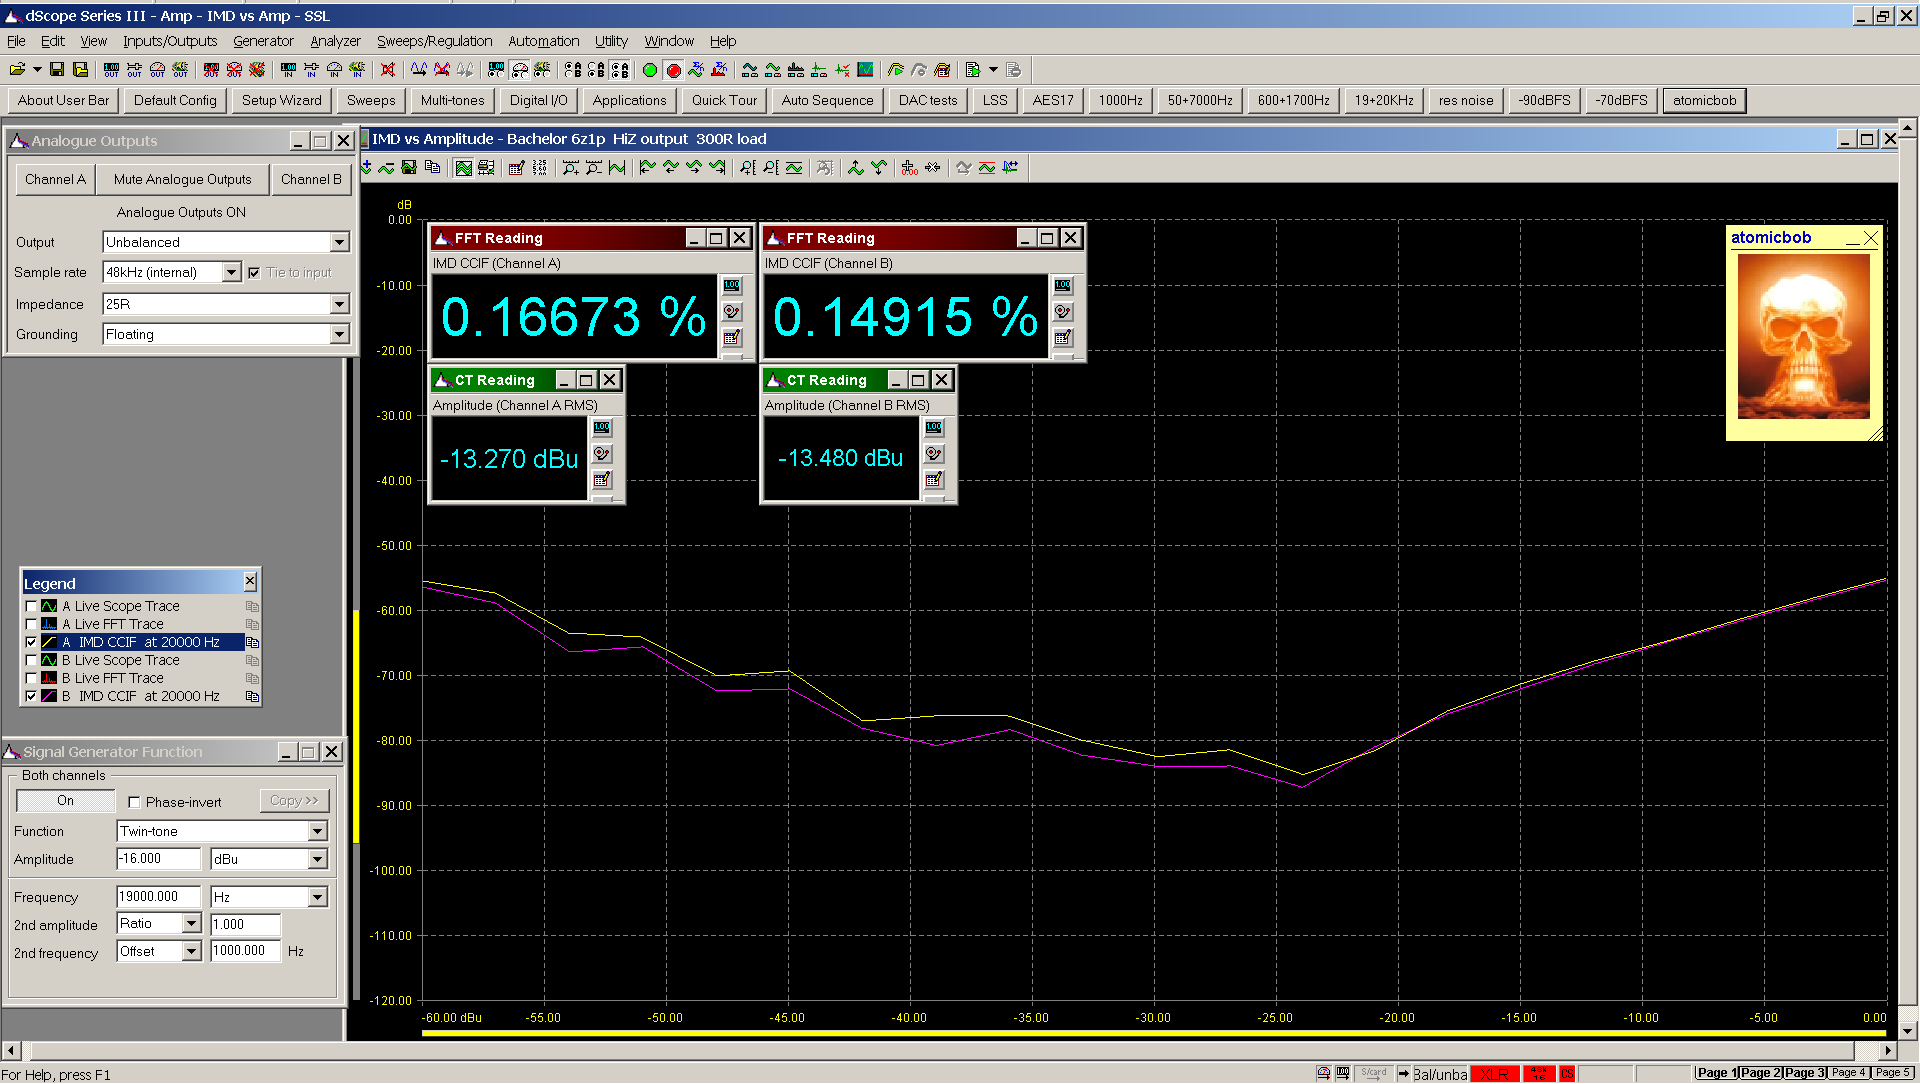 20200622 Bachelor 6z1p IMD vs Amplitude 300R HiZ 0dB gain.png